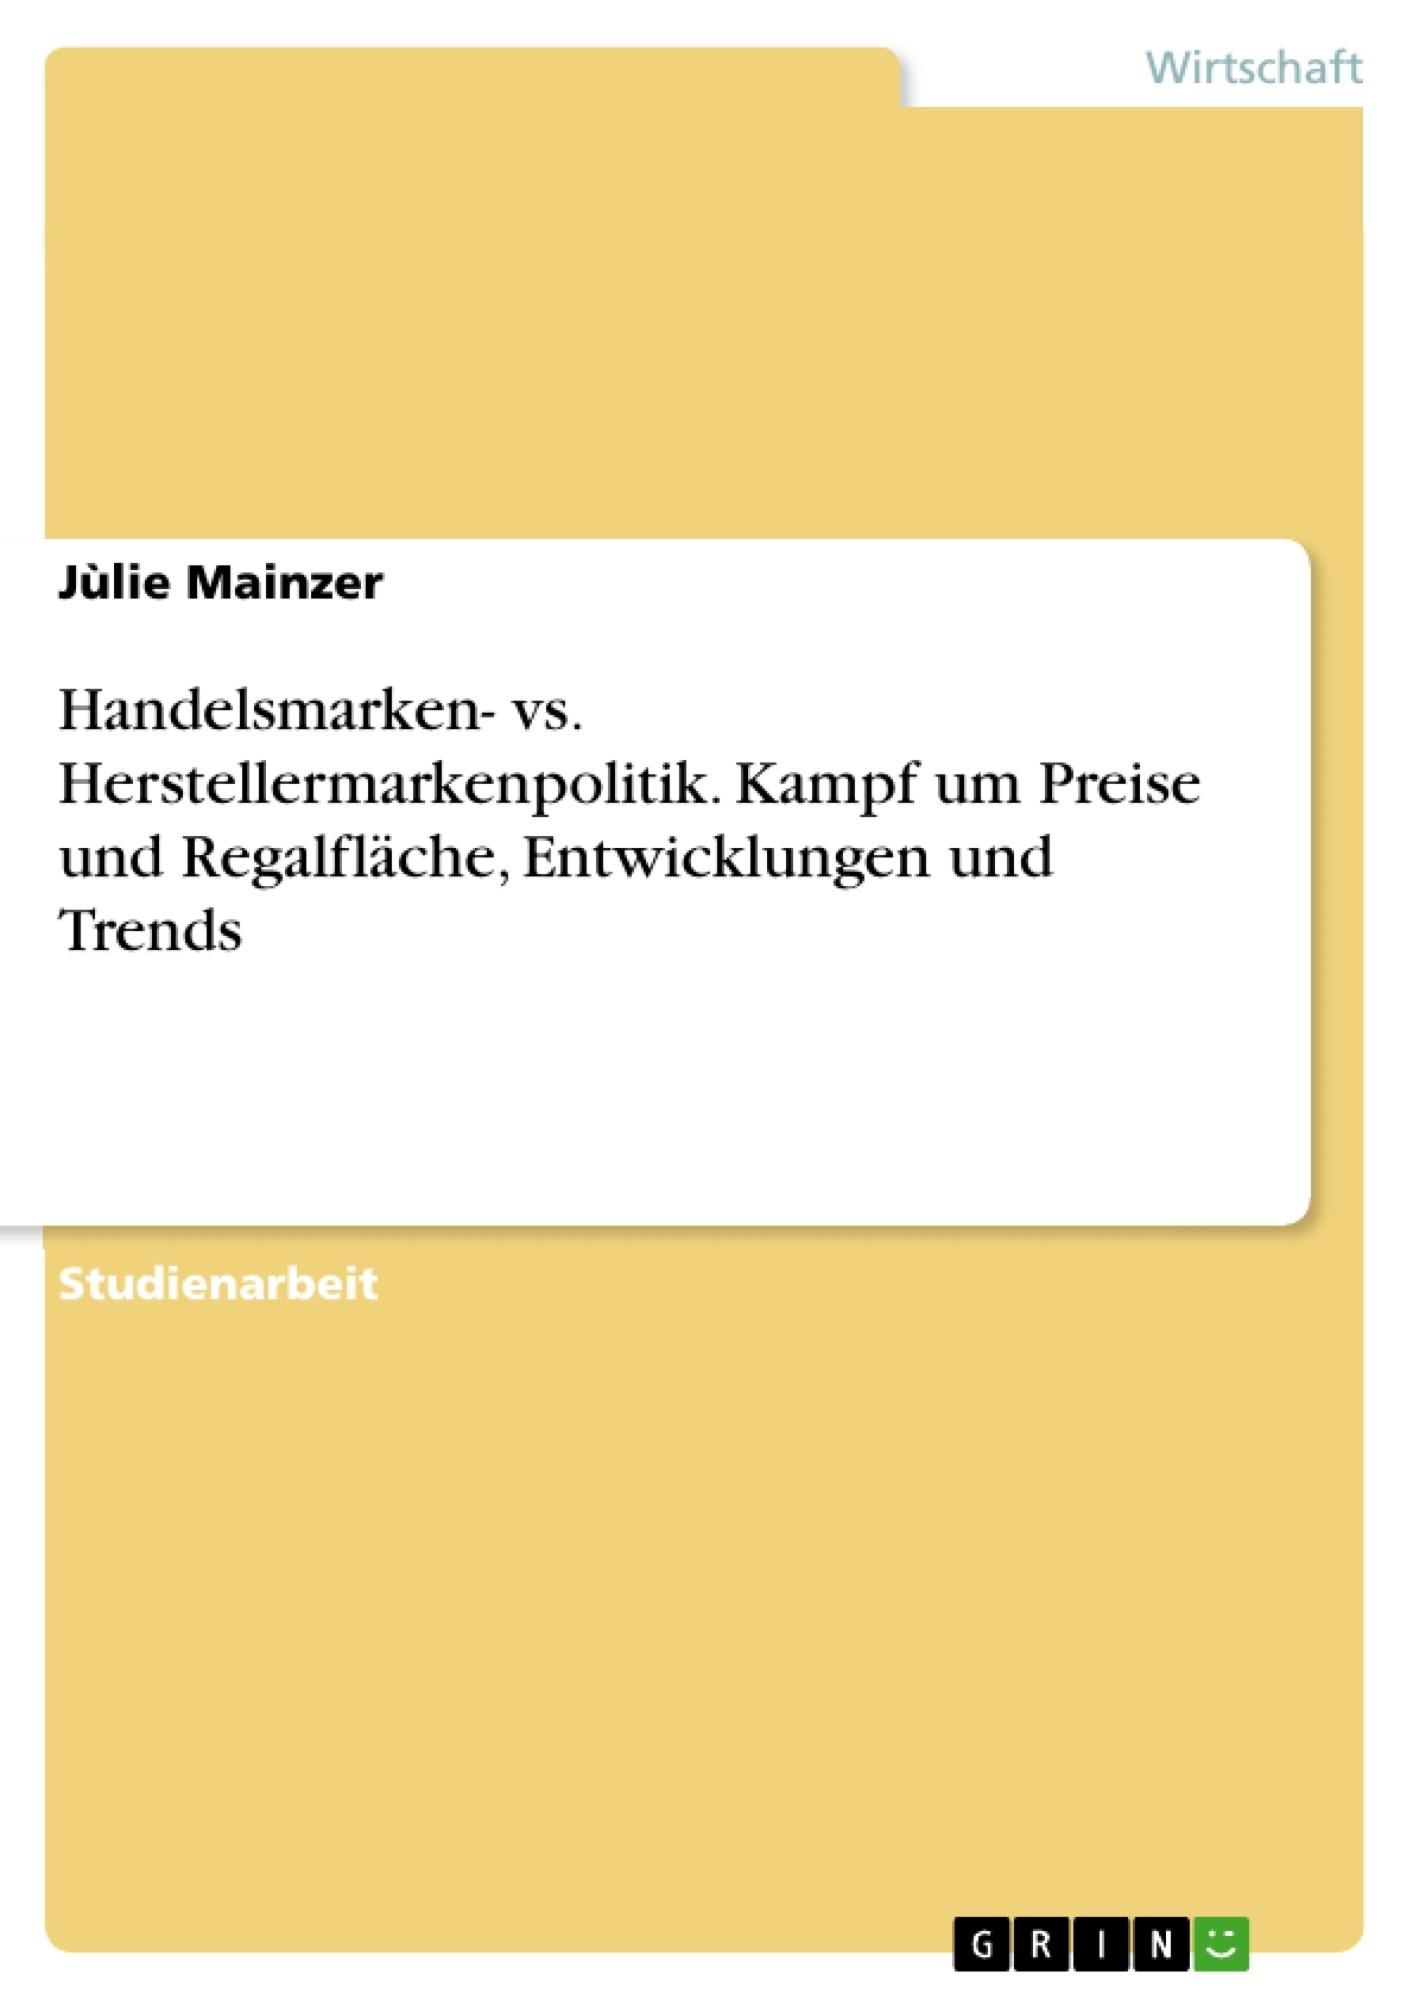 Titel: Handelsmarken- vs. Herstellermarkenpolitik. Kampf um Preise und Regalfläche, Entwicklungen und Trends